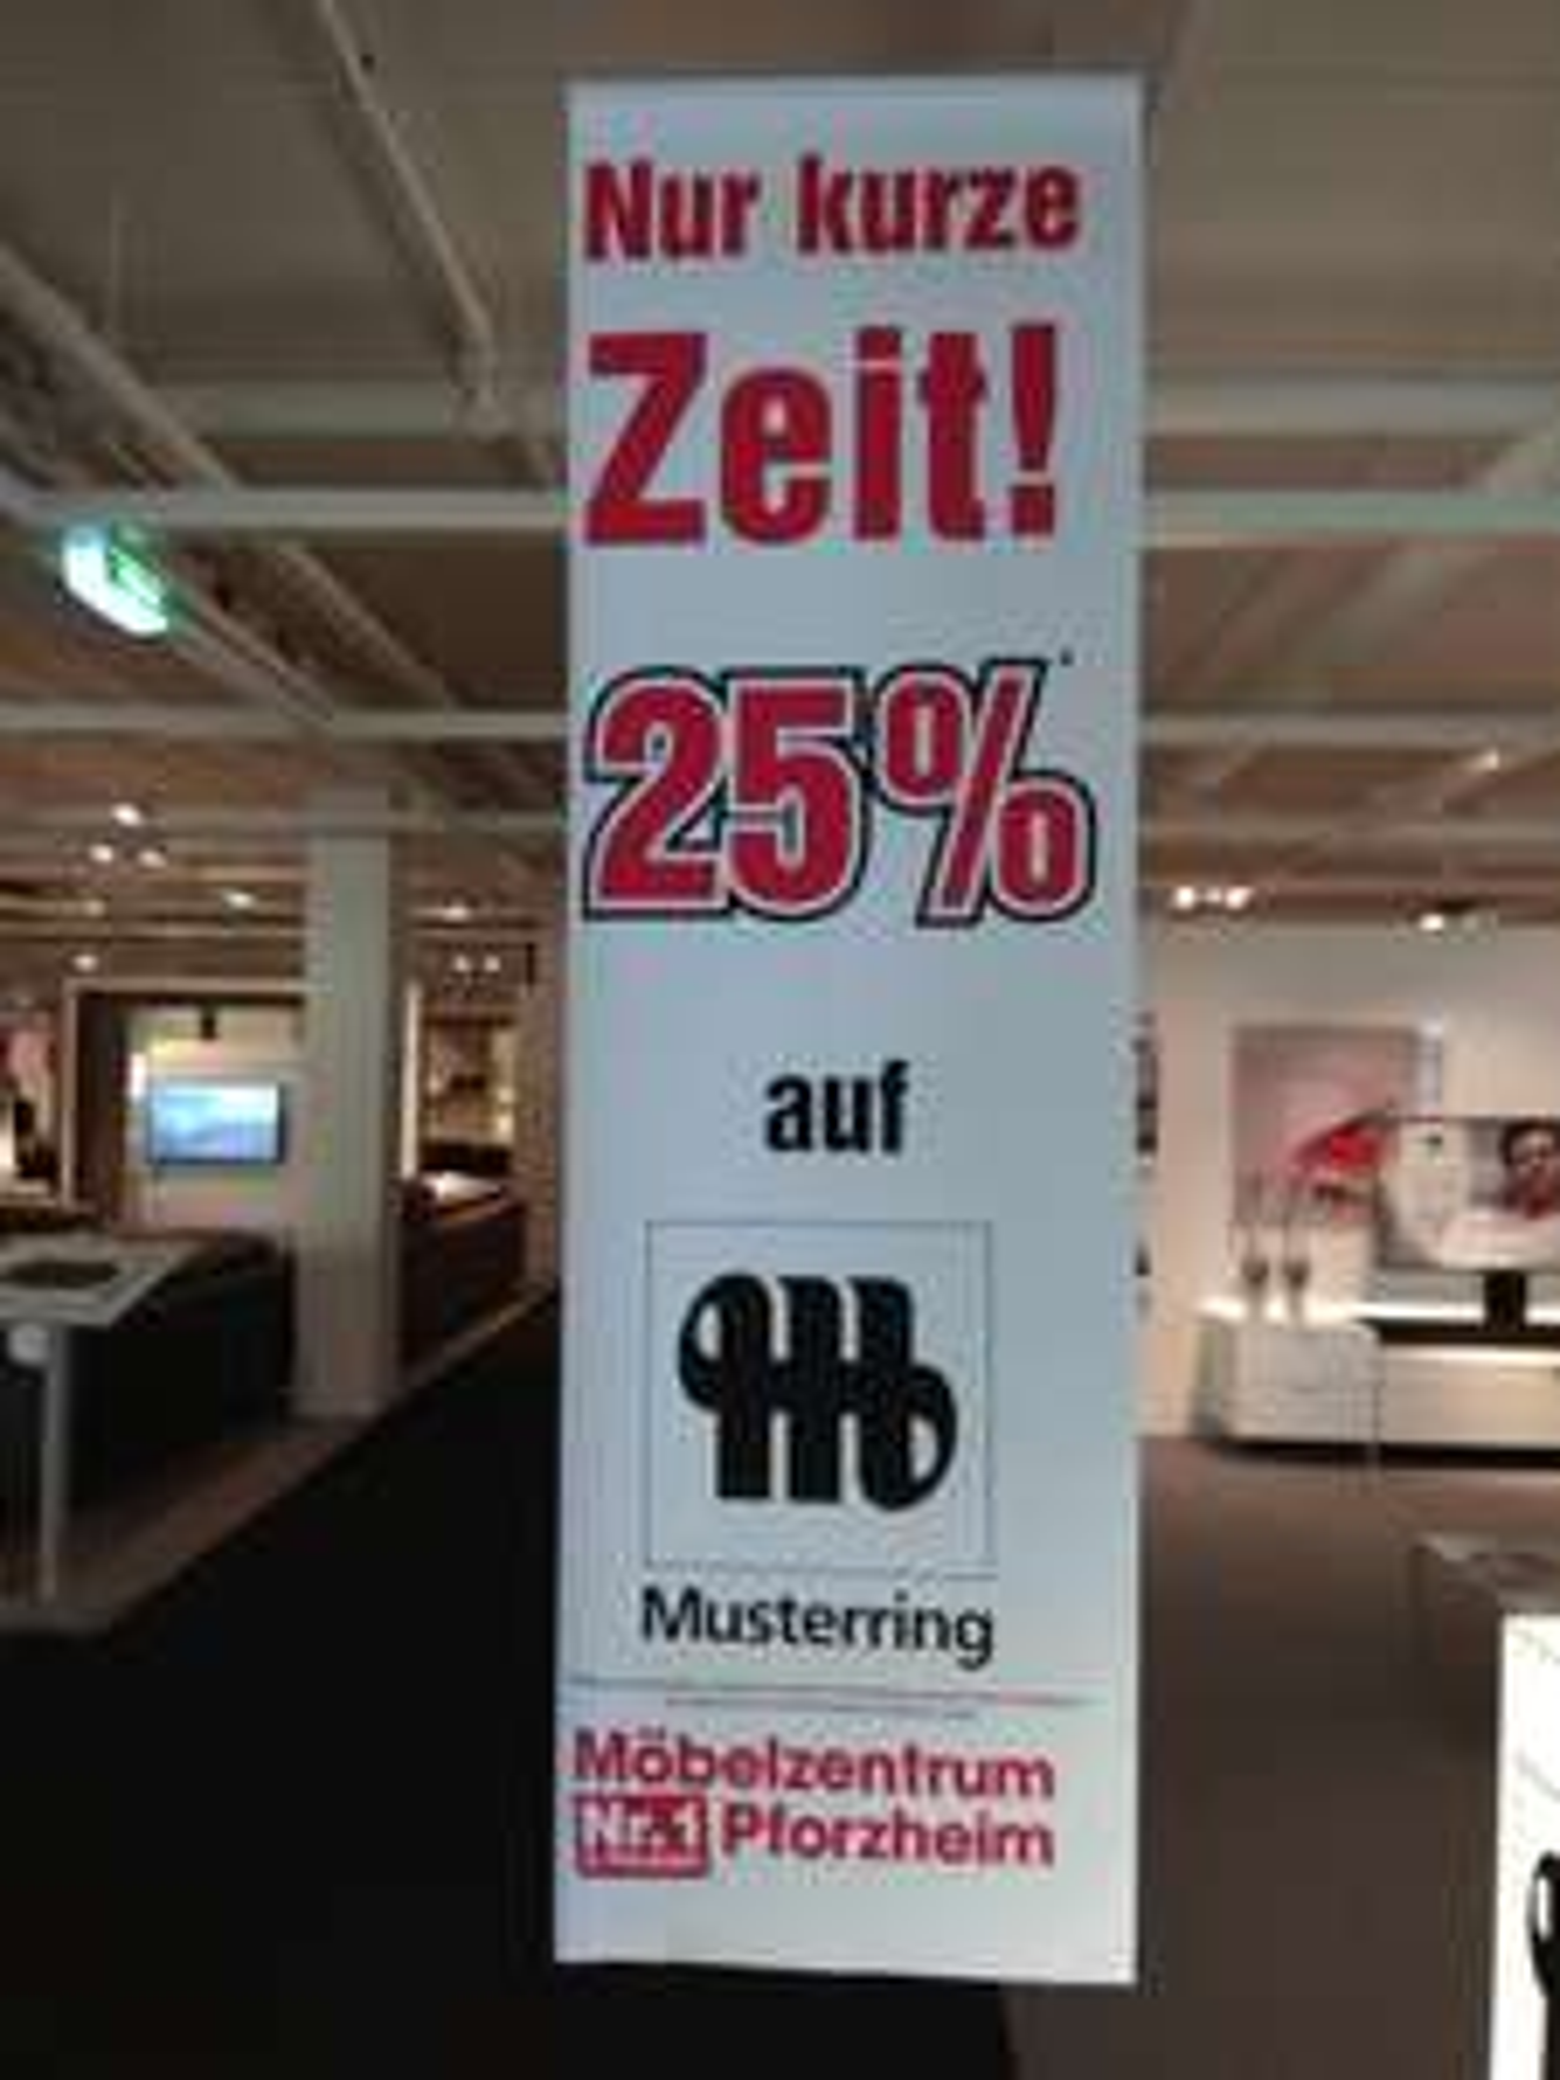 Möbelzentrum Pforzheim 25% auf Musterring!!